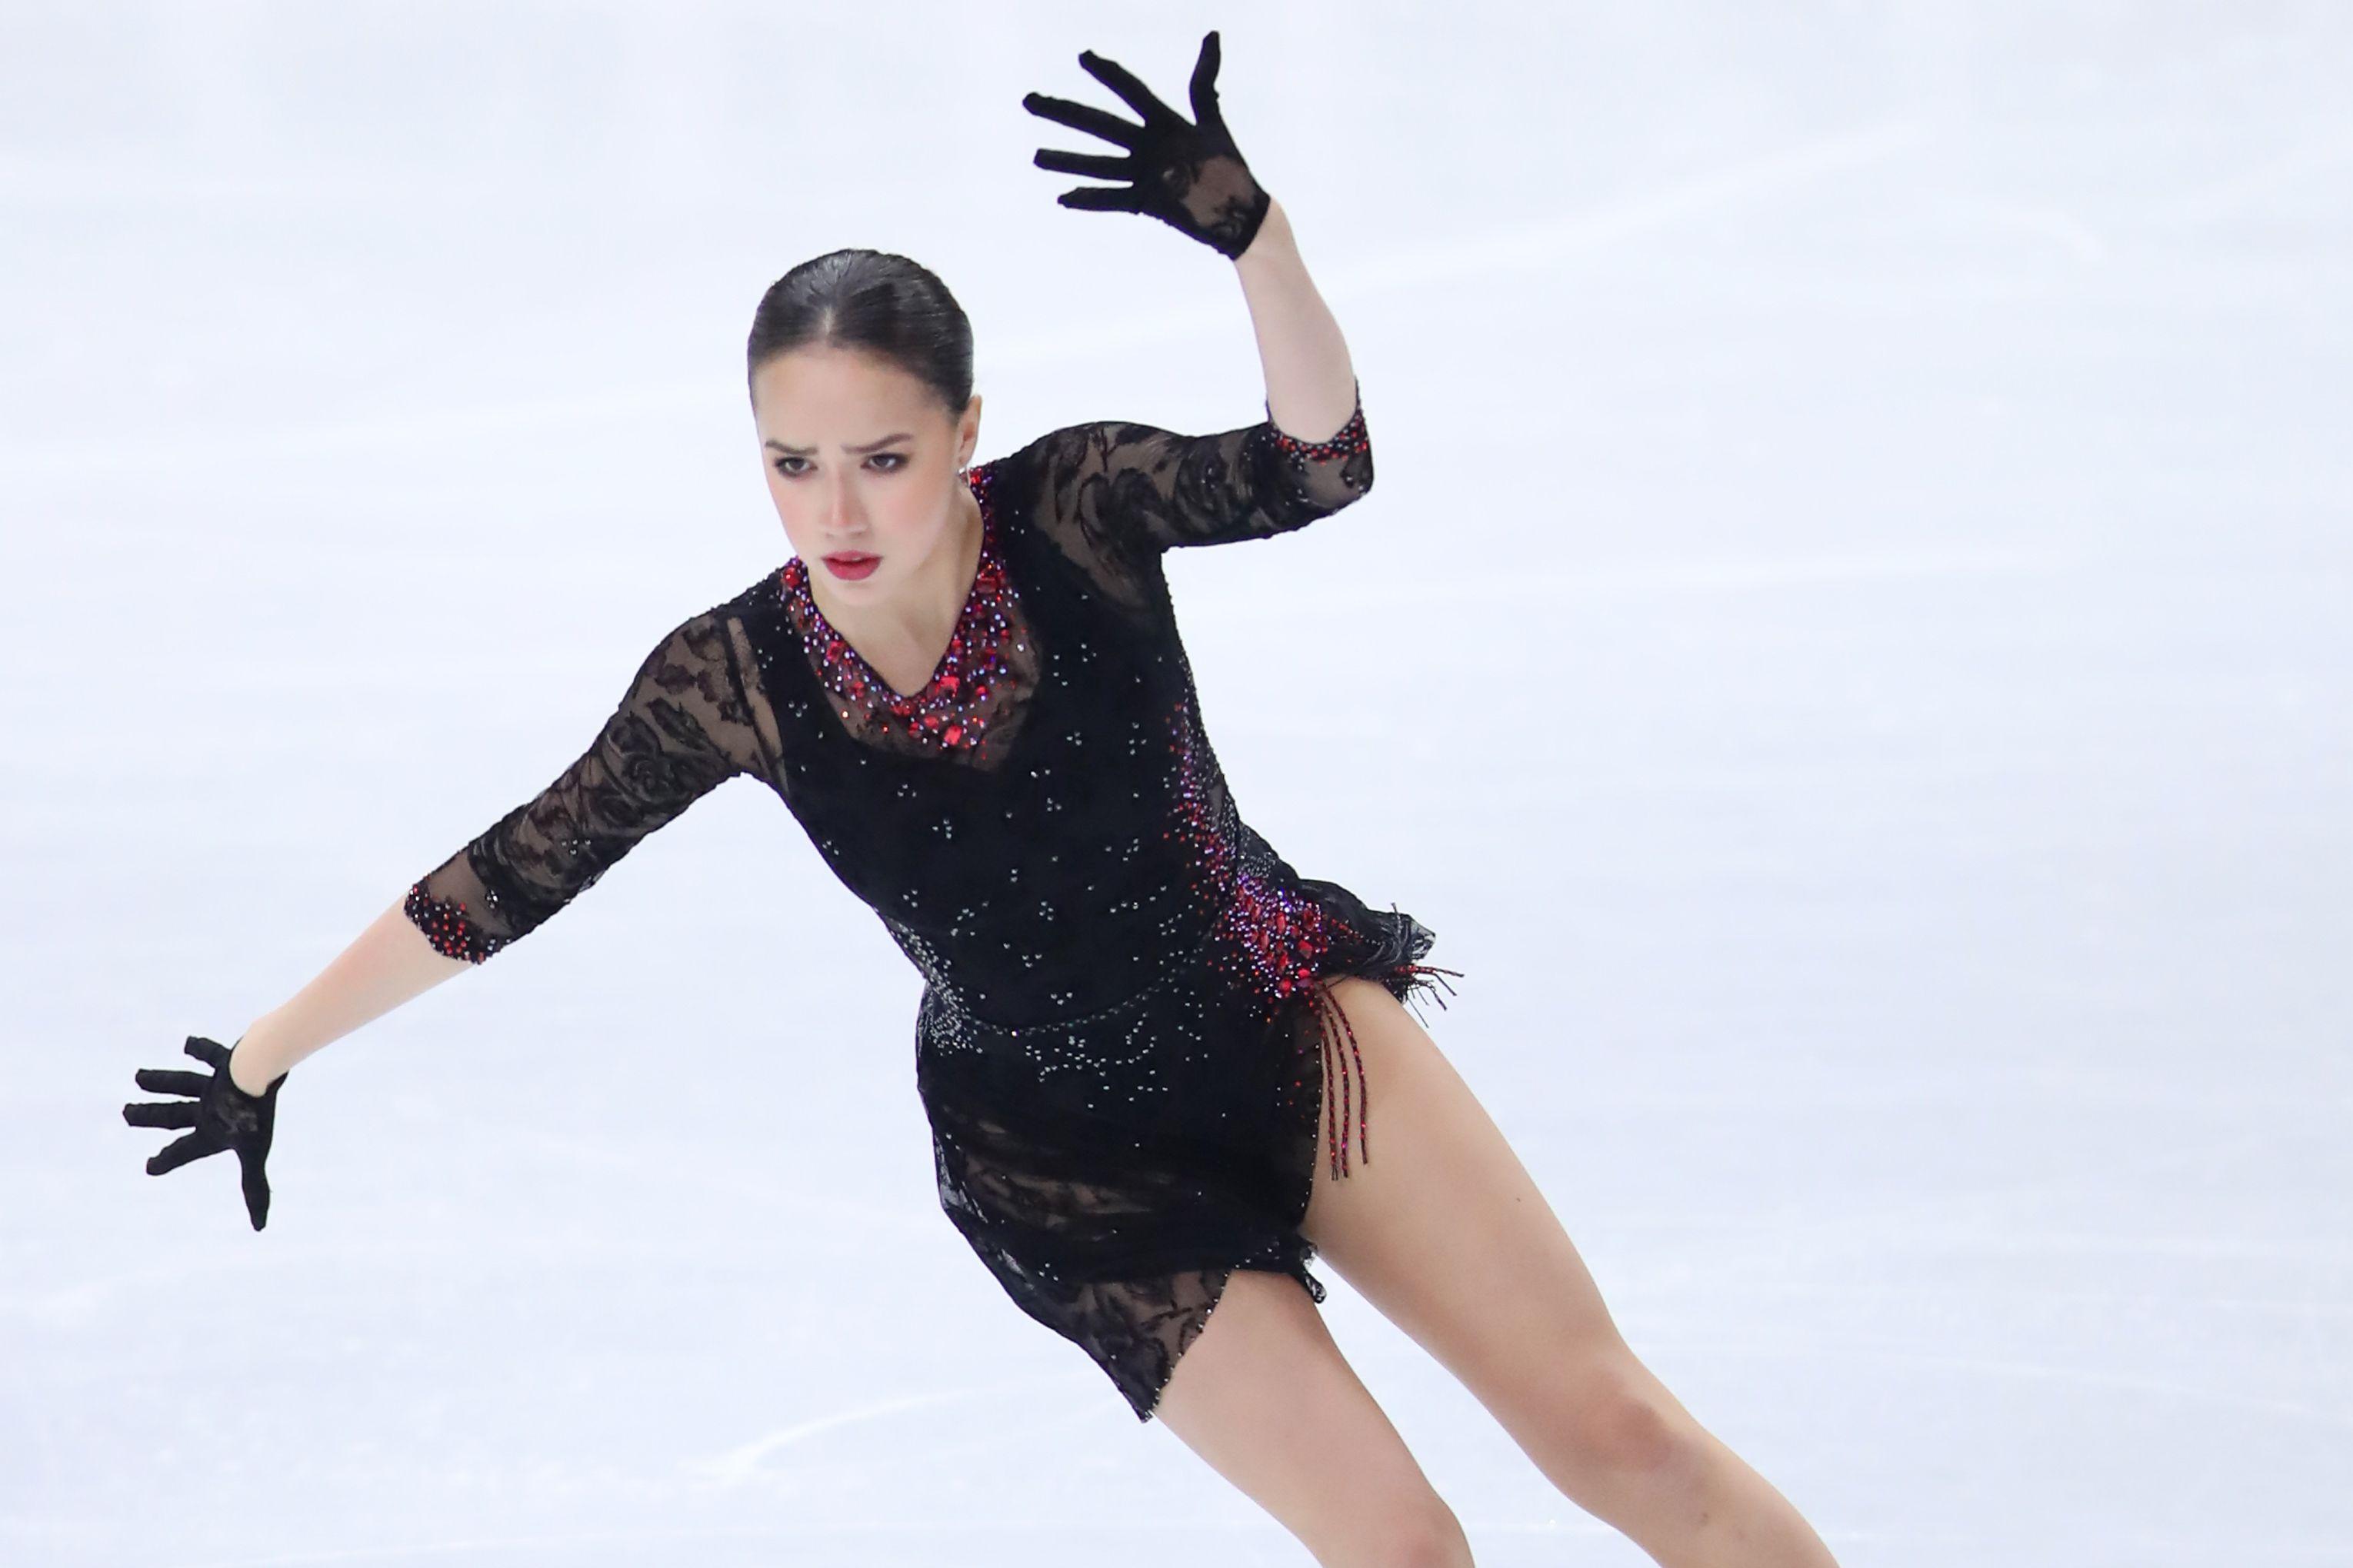 Загитова снова заинтриговала поклонников: снимки без верхней одежды при минус 18 градусов. ФОТО